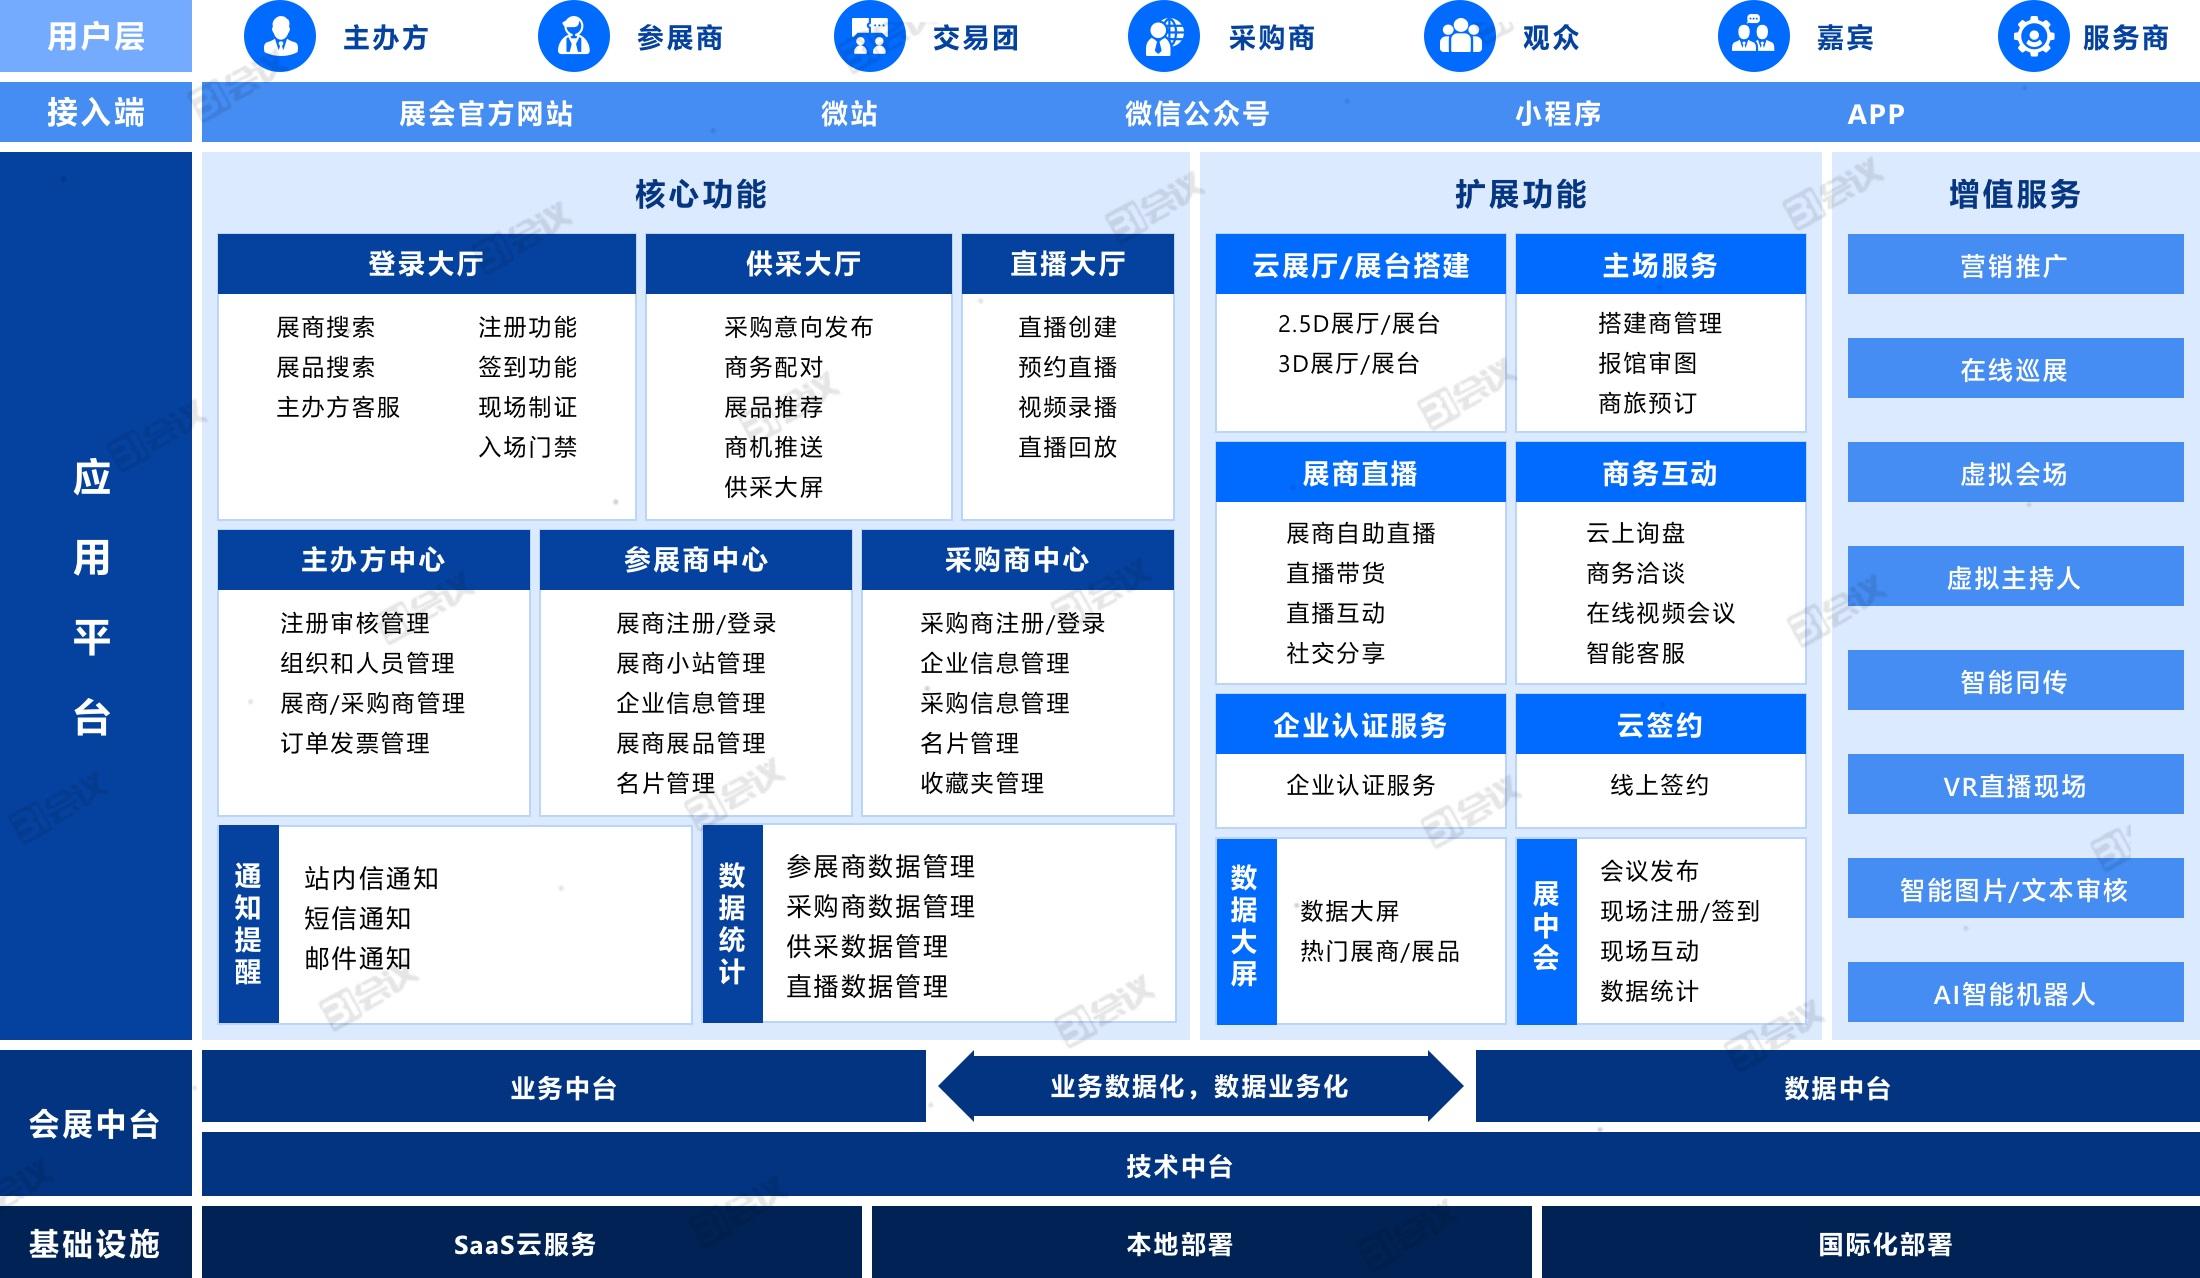 31展览云V2.0-融合智慧展览管理系统.jpg